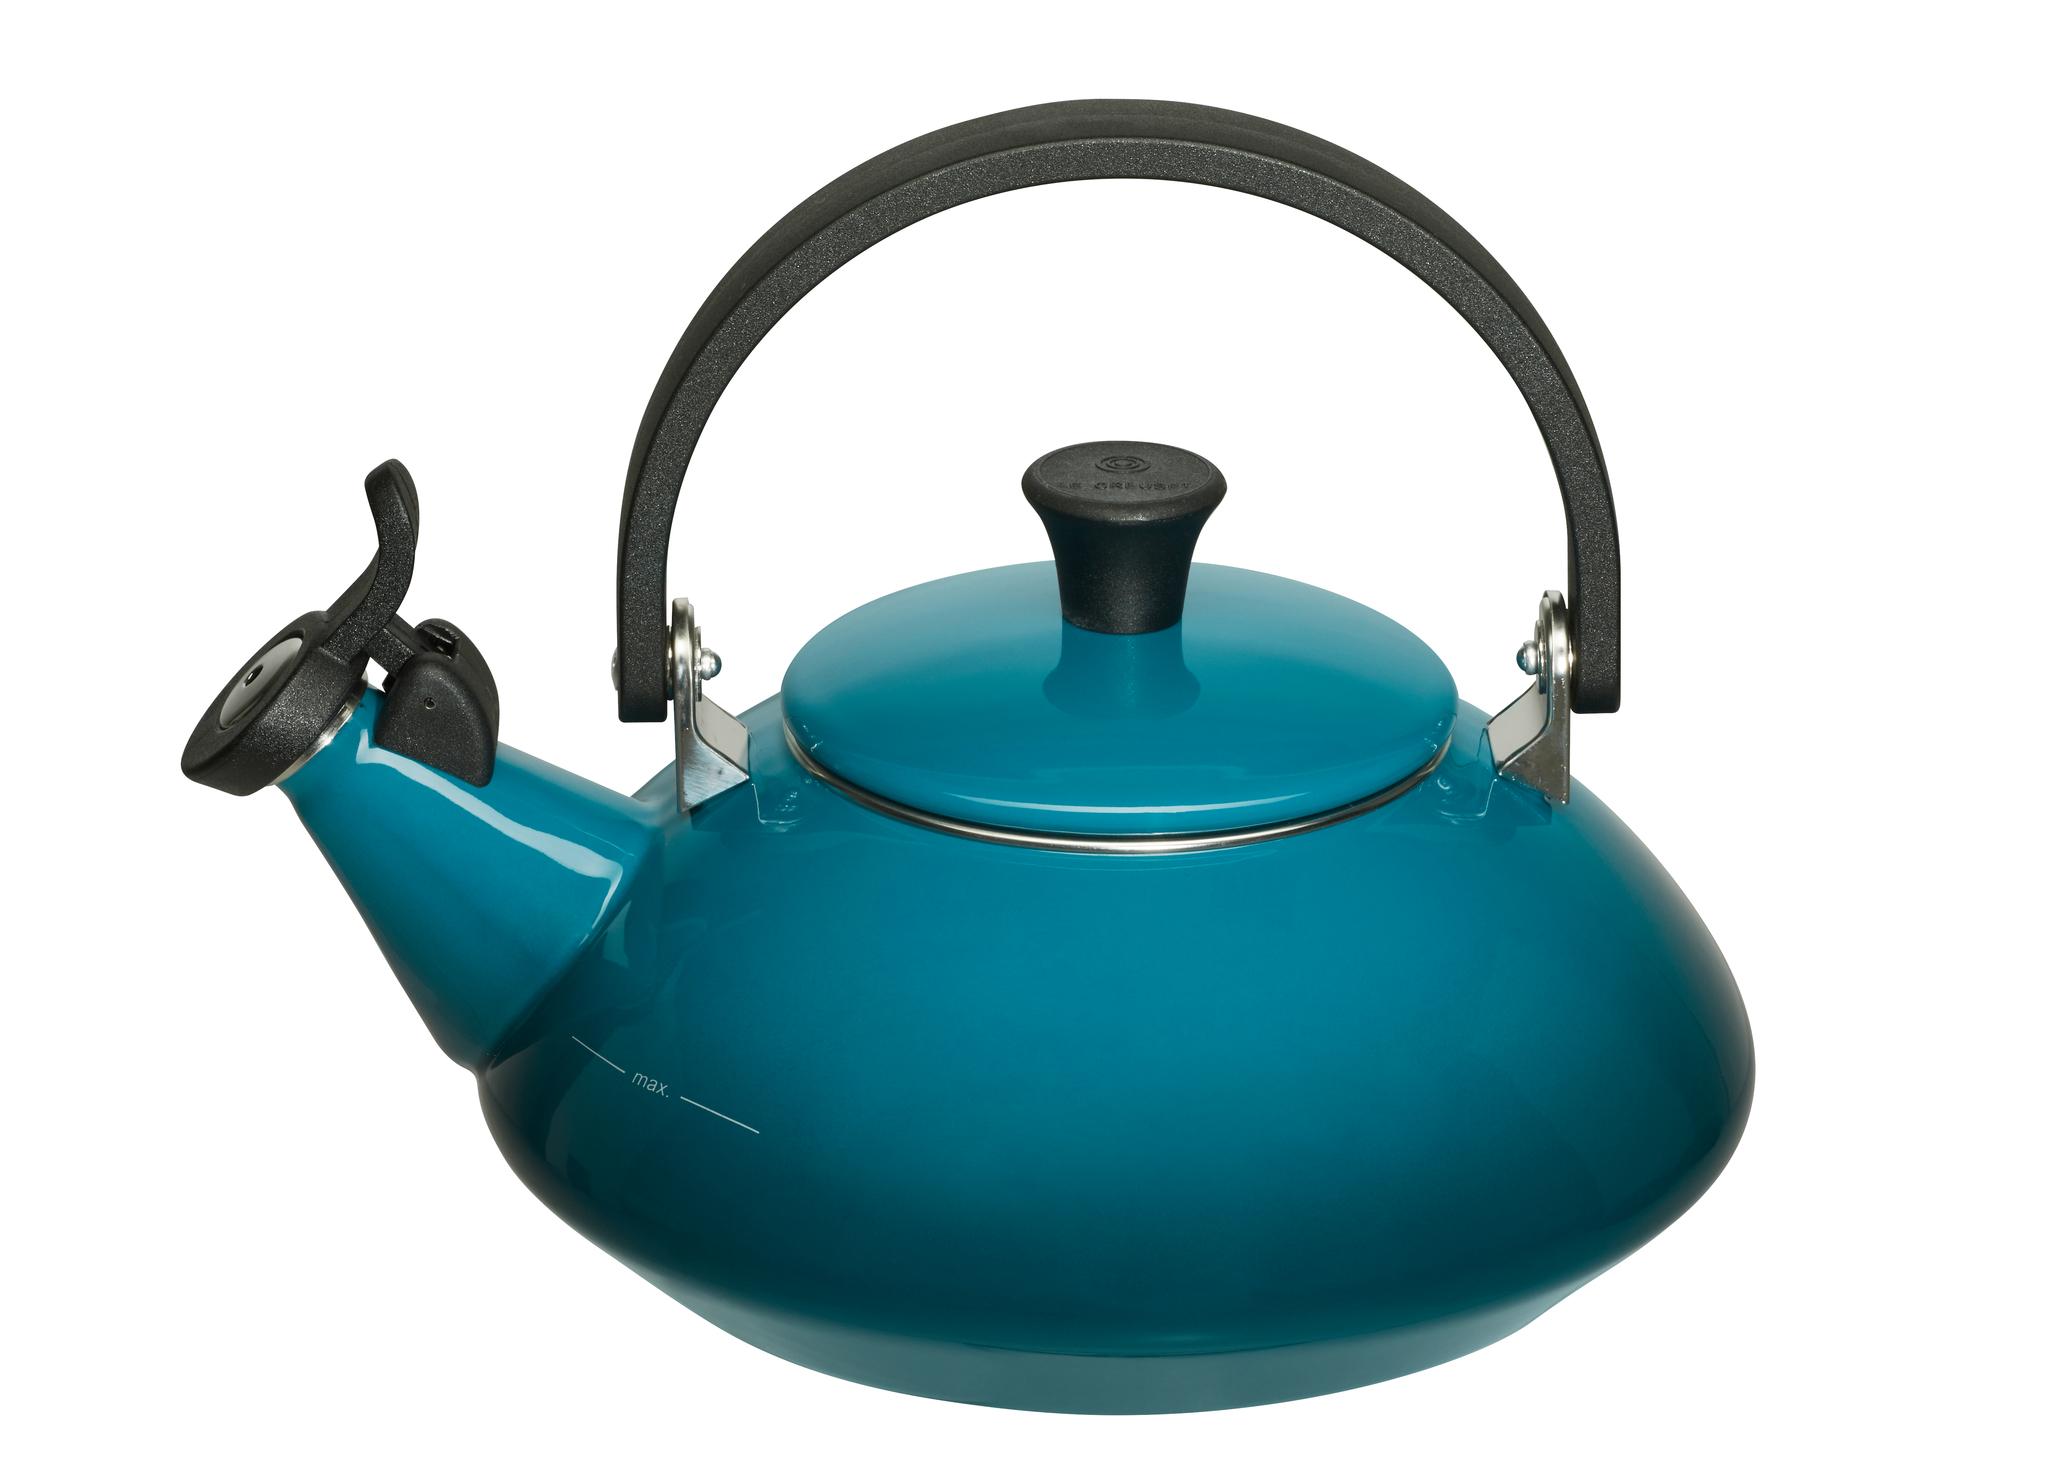 deep teal zen kettle